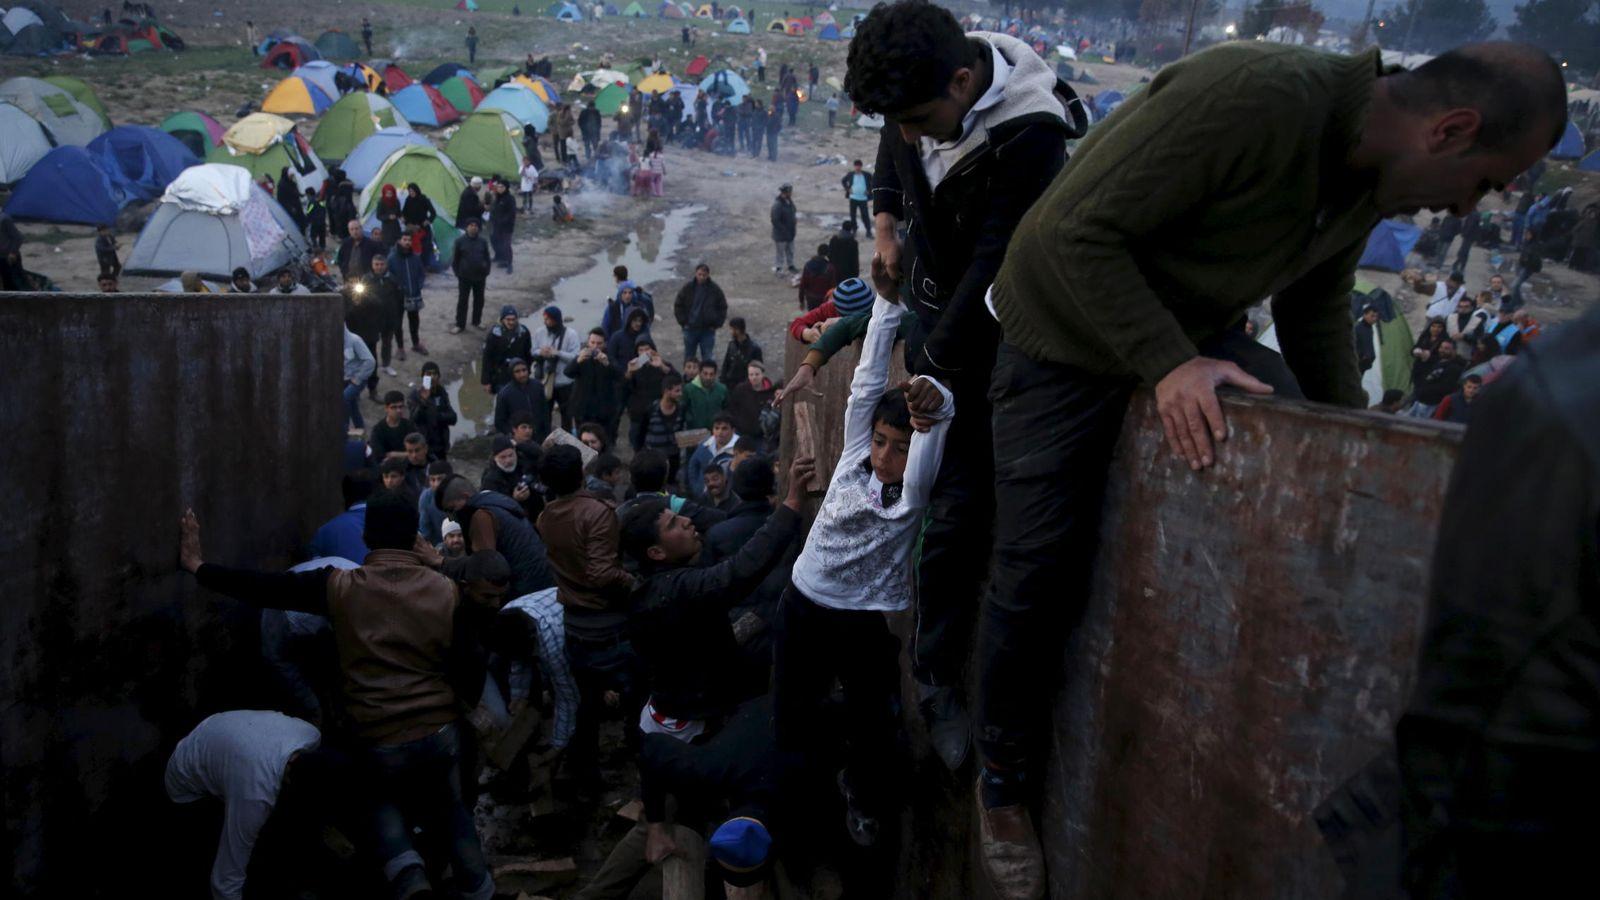 Foto: Migrantes y refugiados atrapados en la frontera entre Grecia y Macedonia intentan conseguir madera, cerca de Idomeni, el 6 de marzo de 2016 (Reuters).